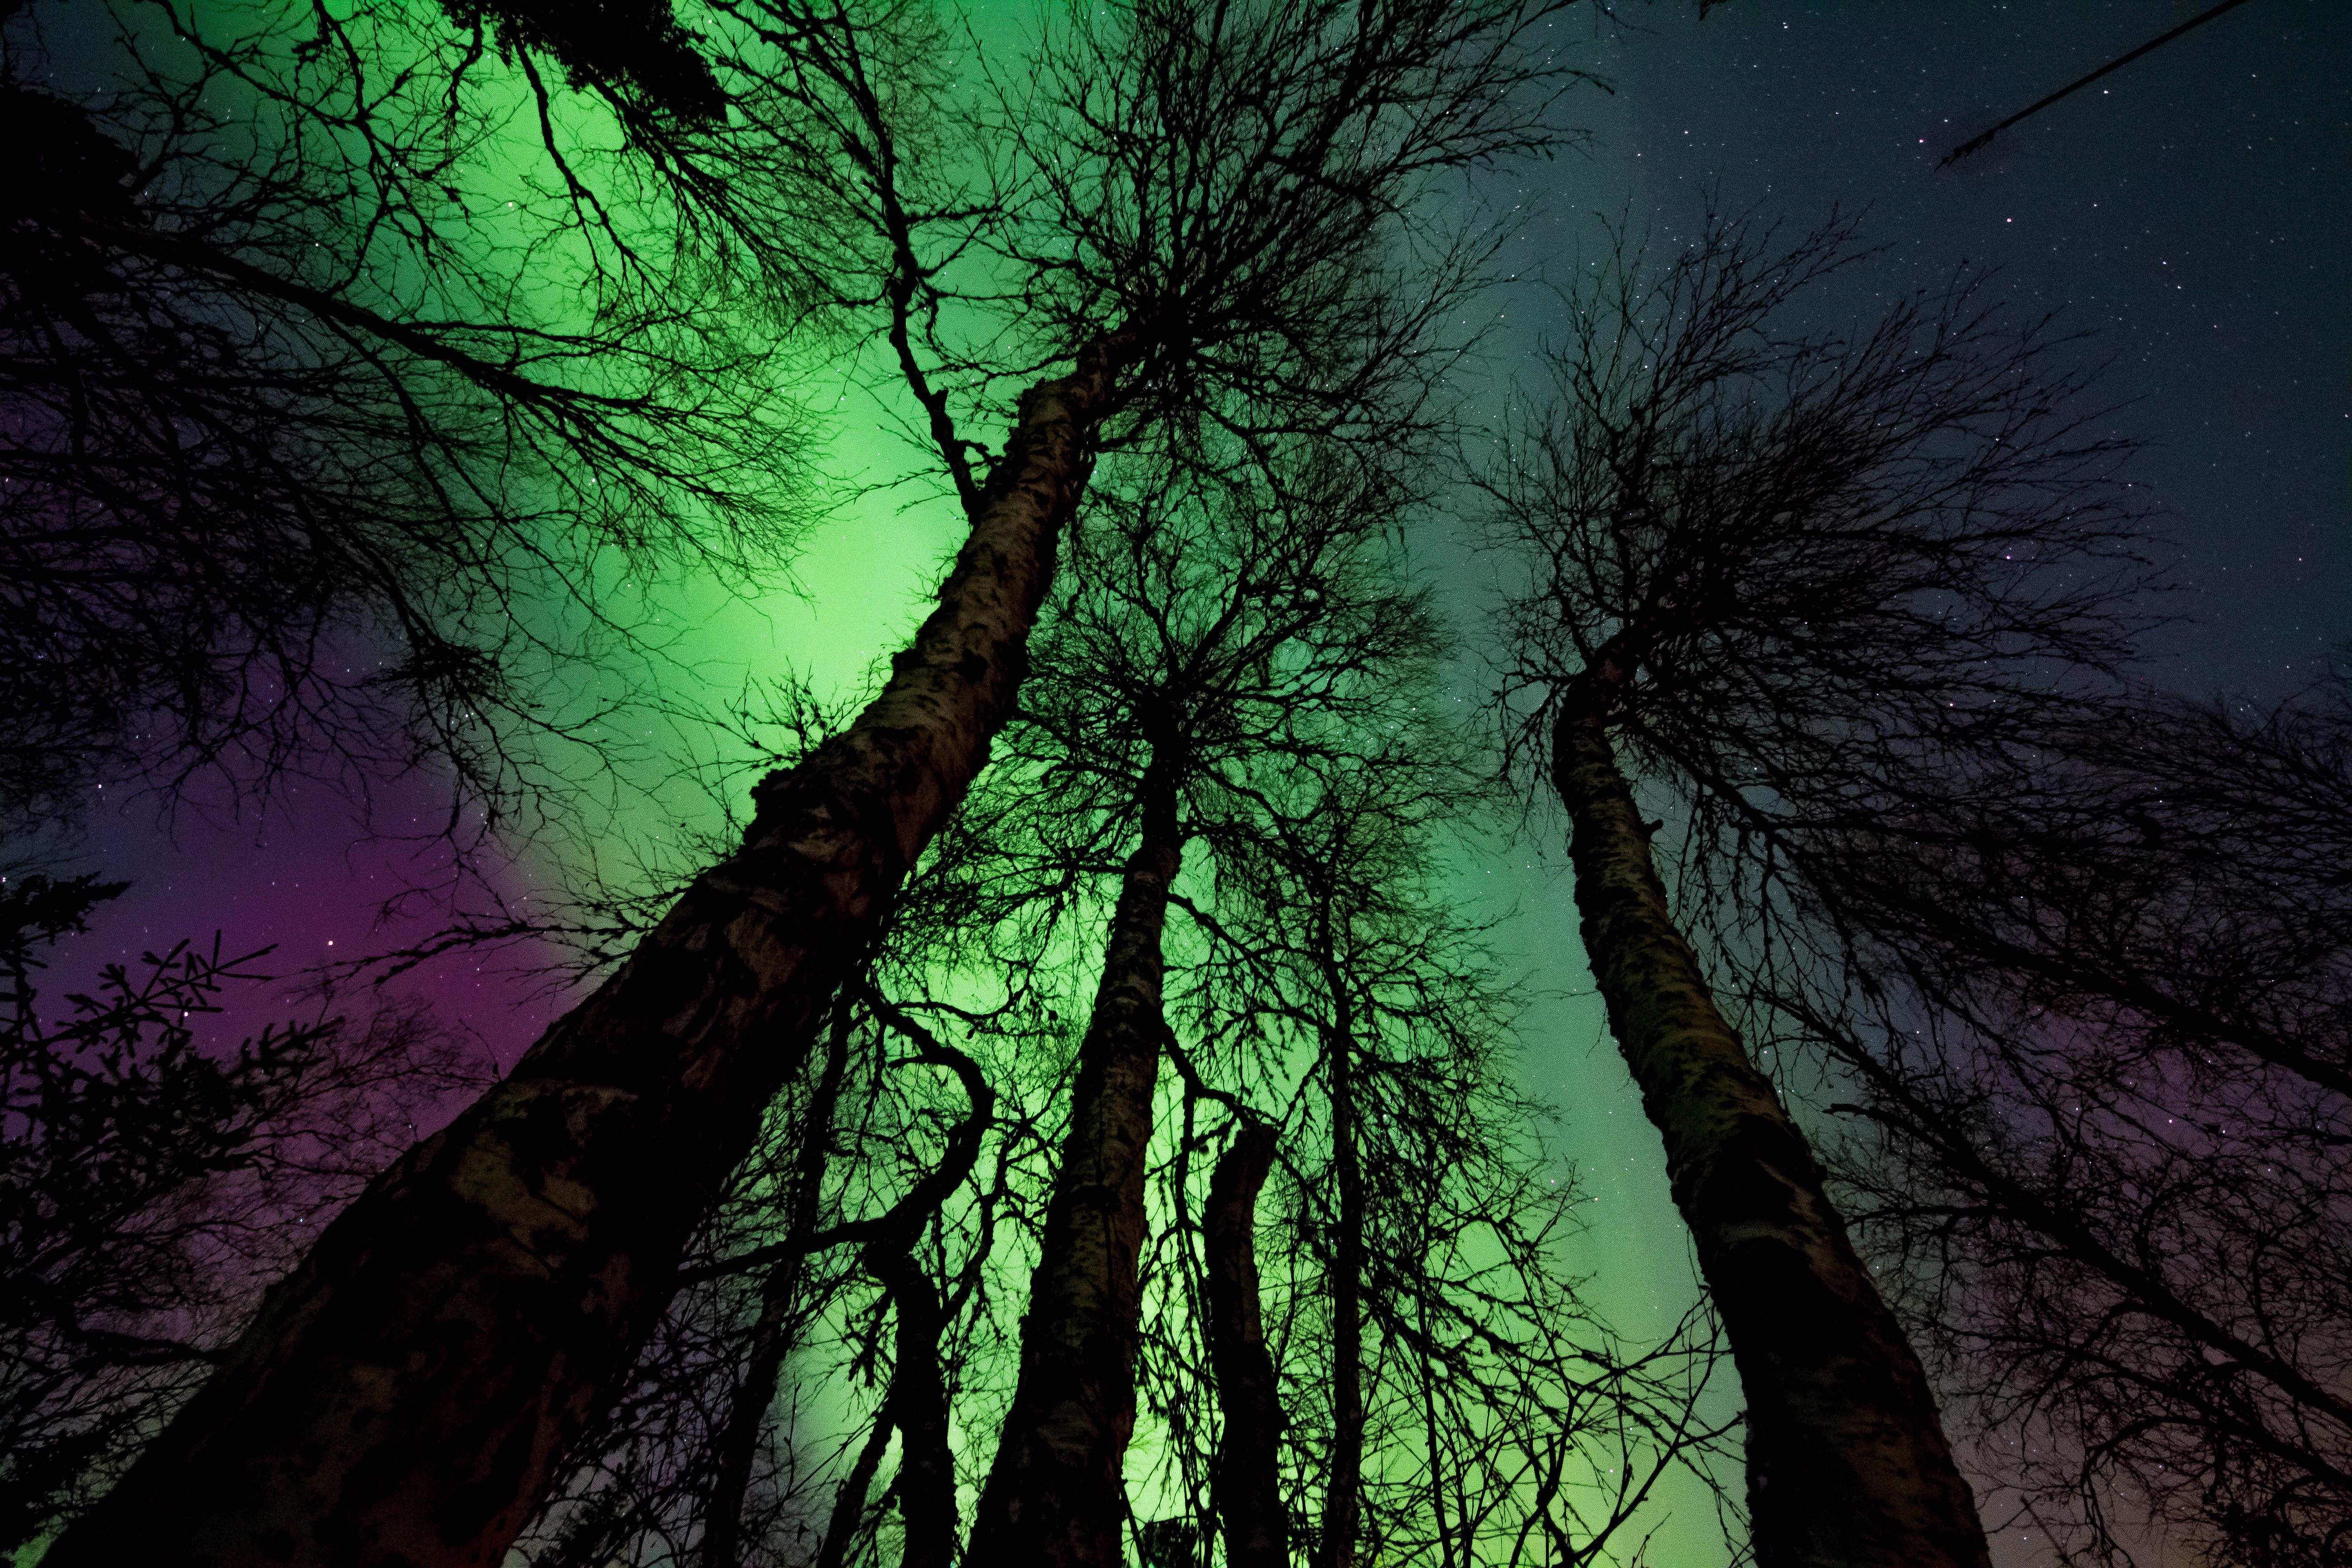 Kostenloses Stock Foto zu aufnahme von unten, bäume, draußen, dunkel